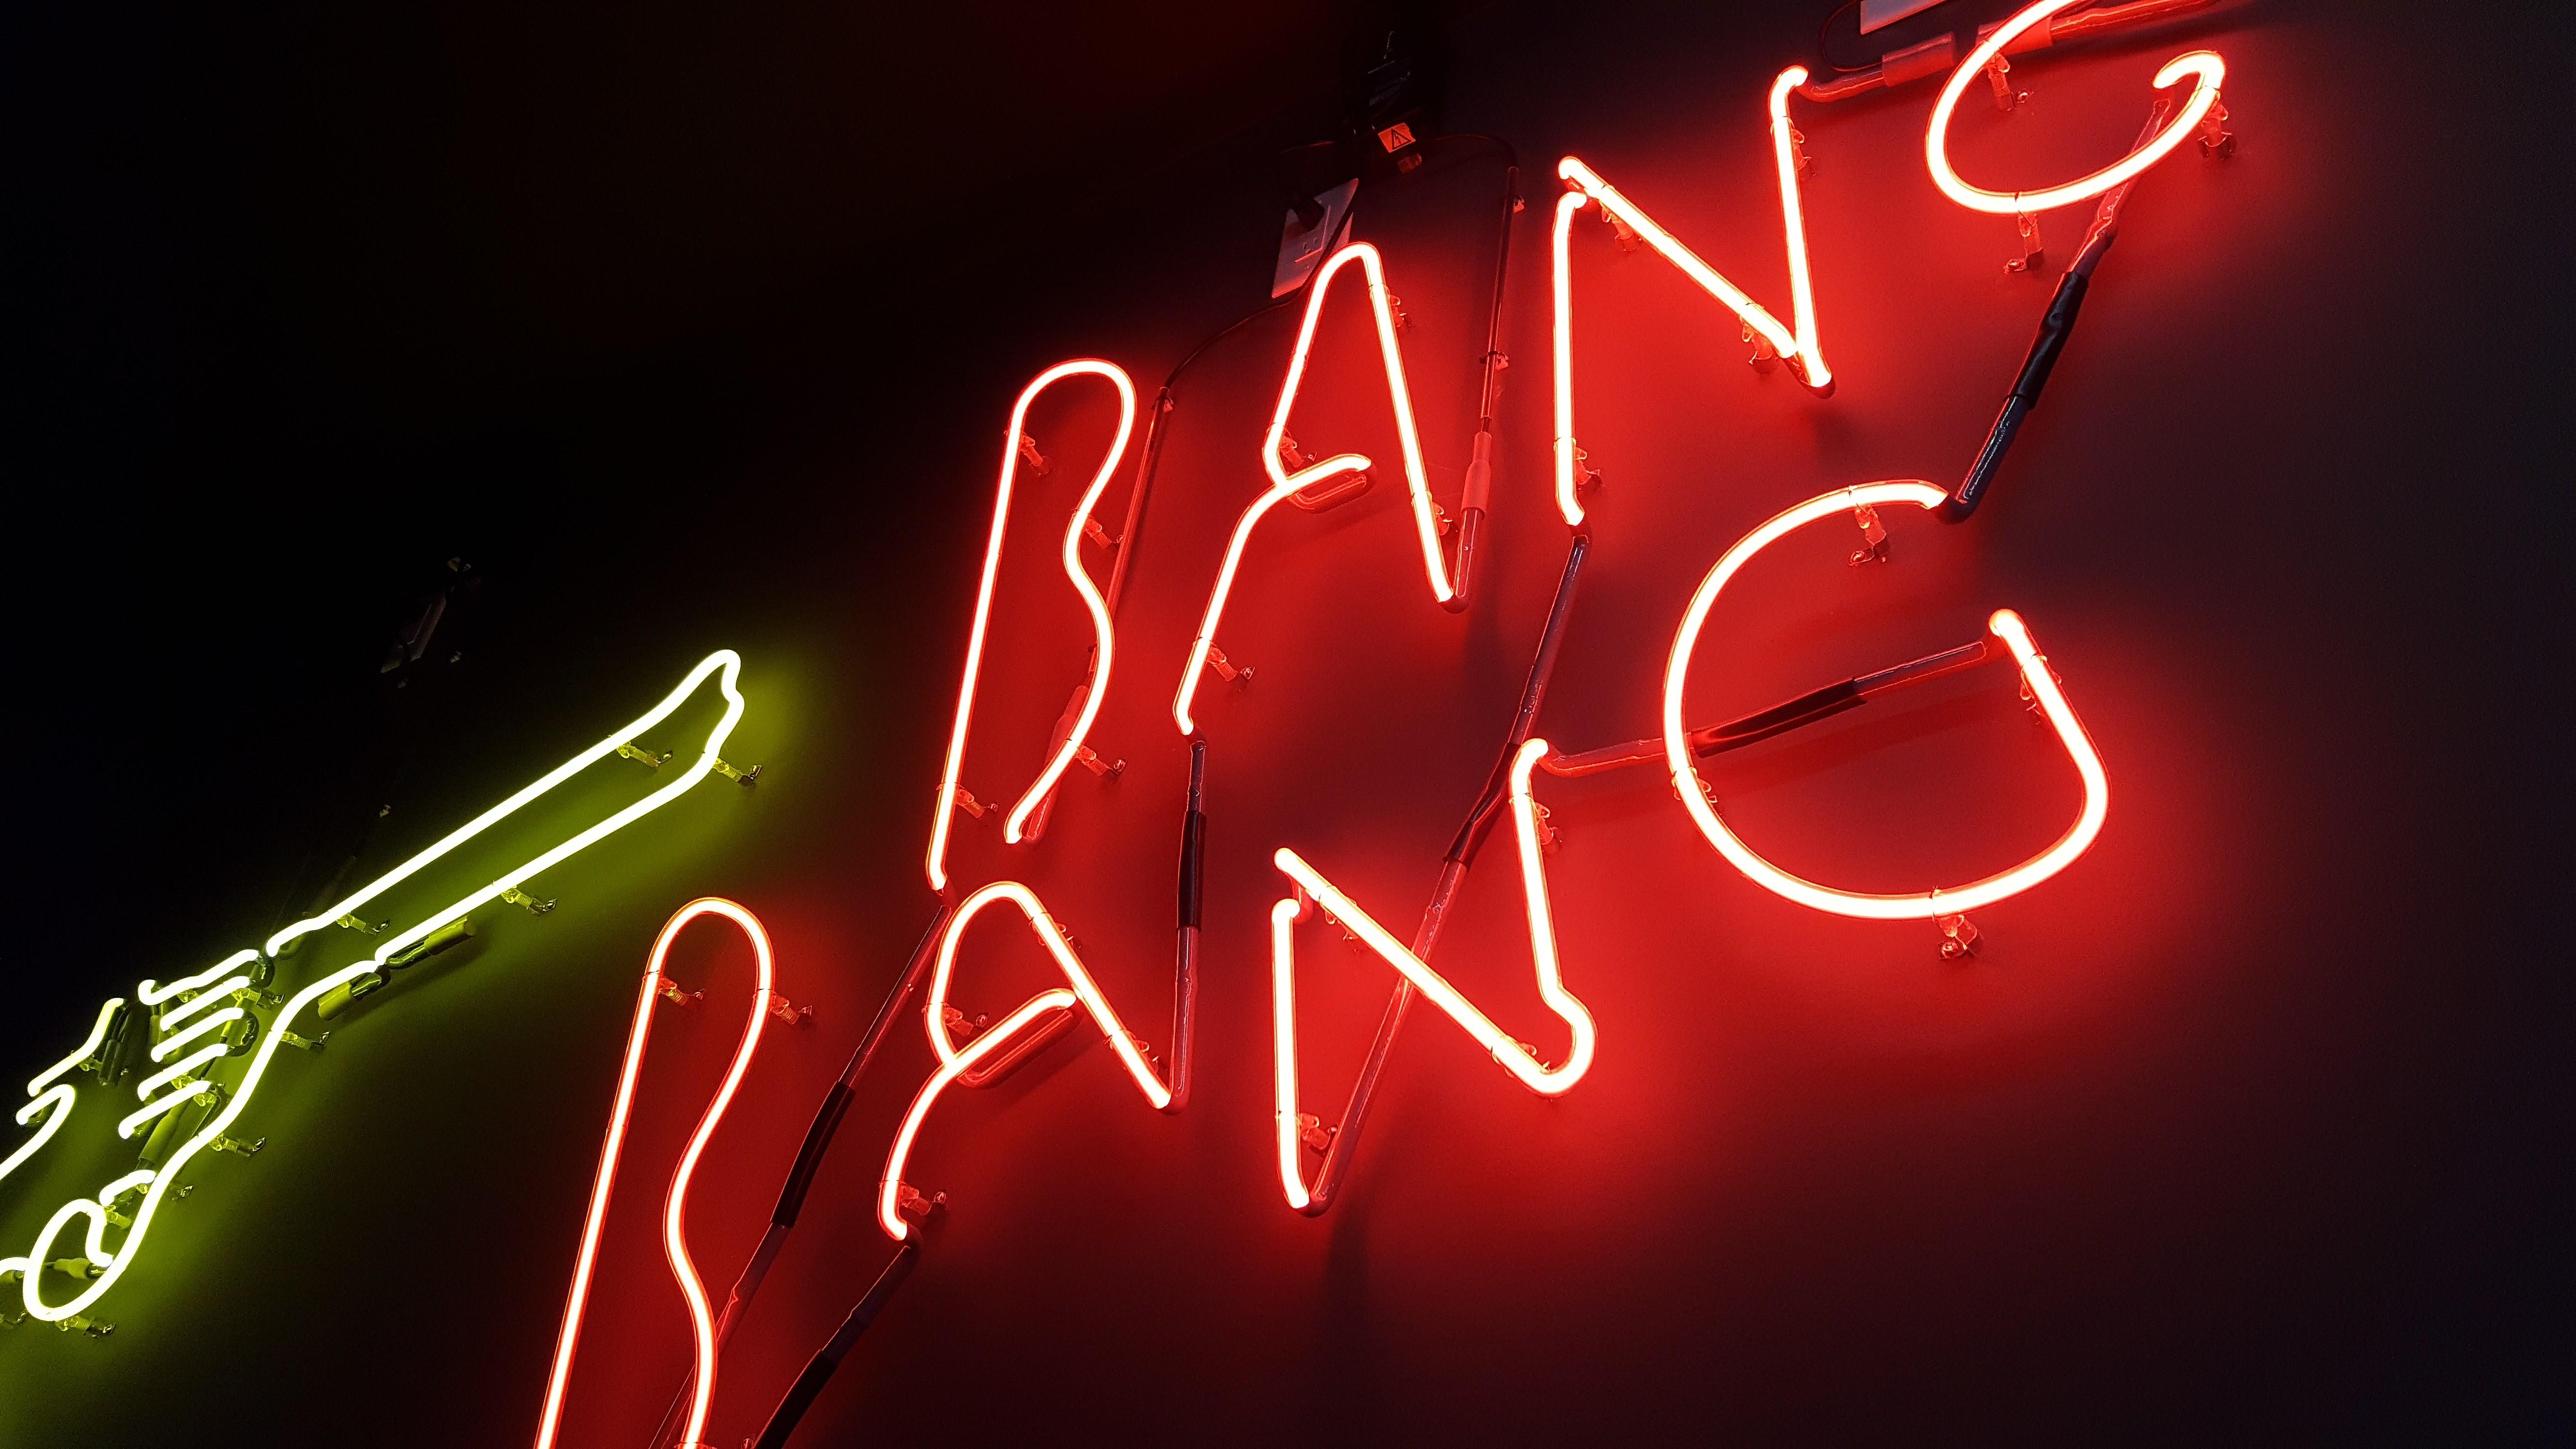 Bang Bang Neon Sign, Sign, Red, Neon, Glow, HQ Photo